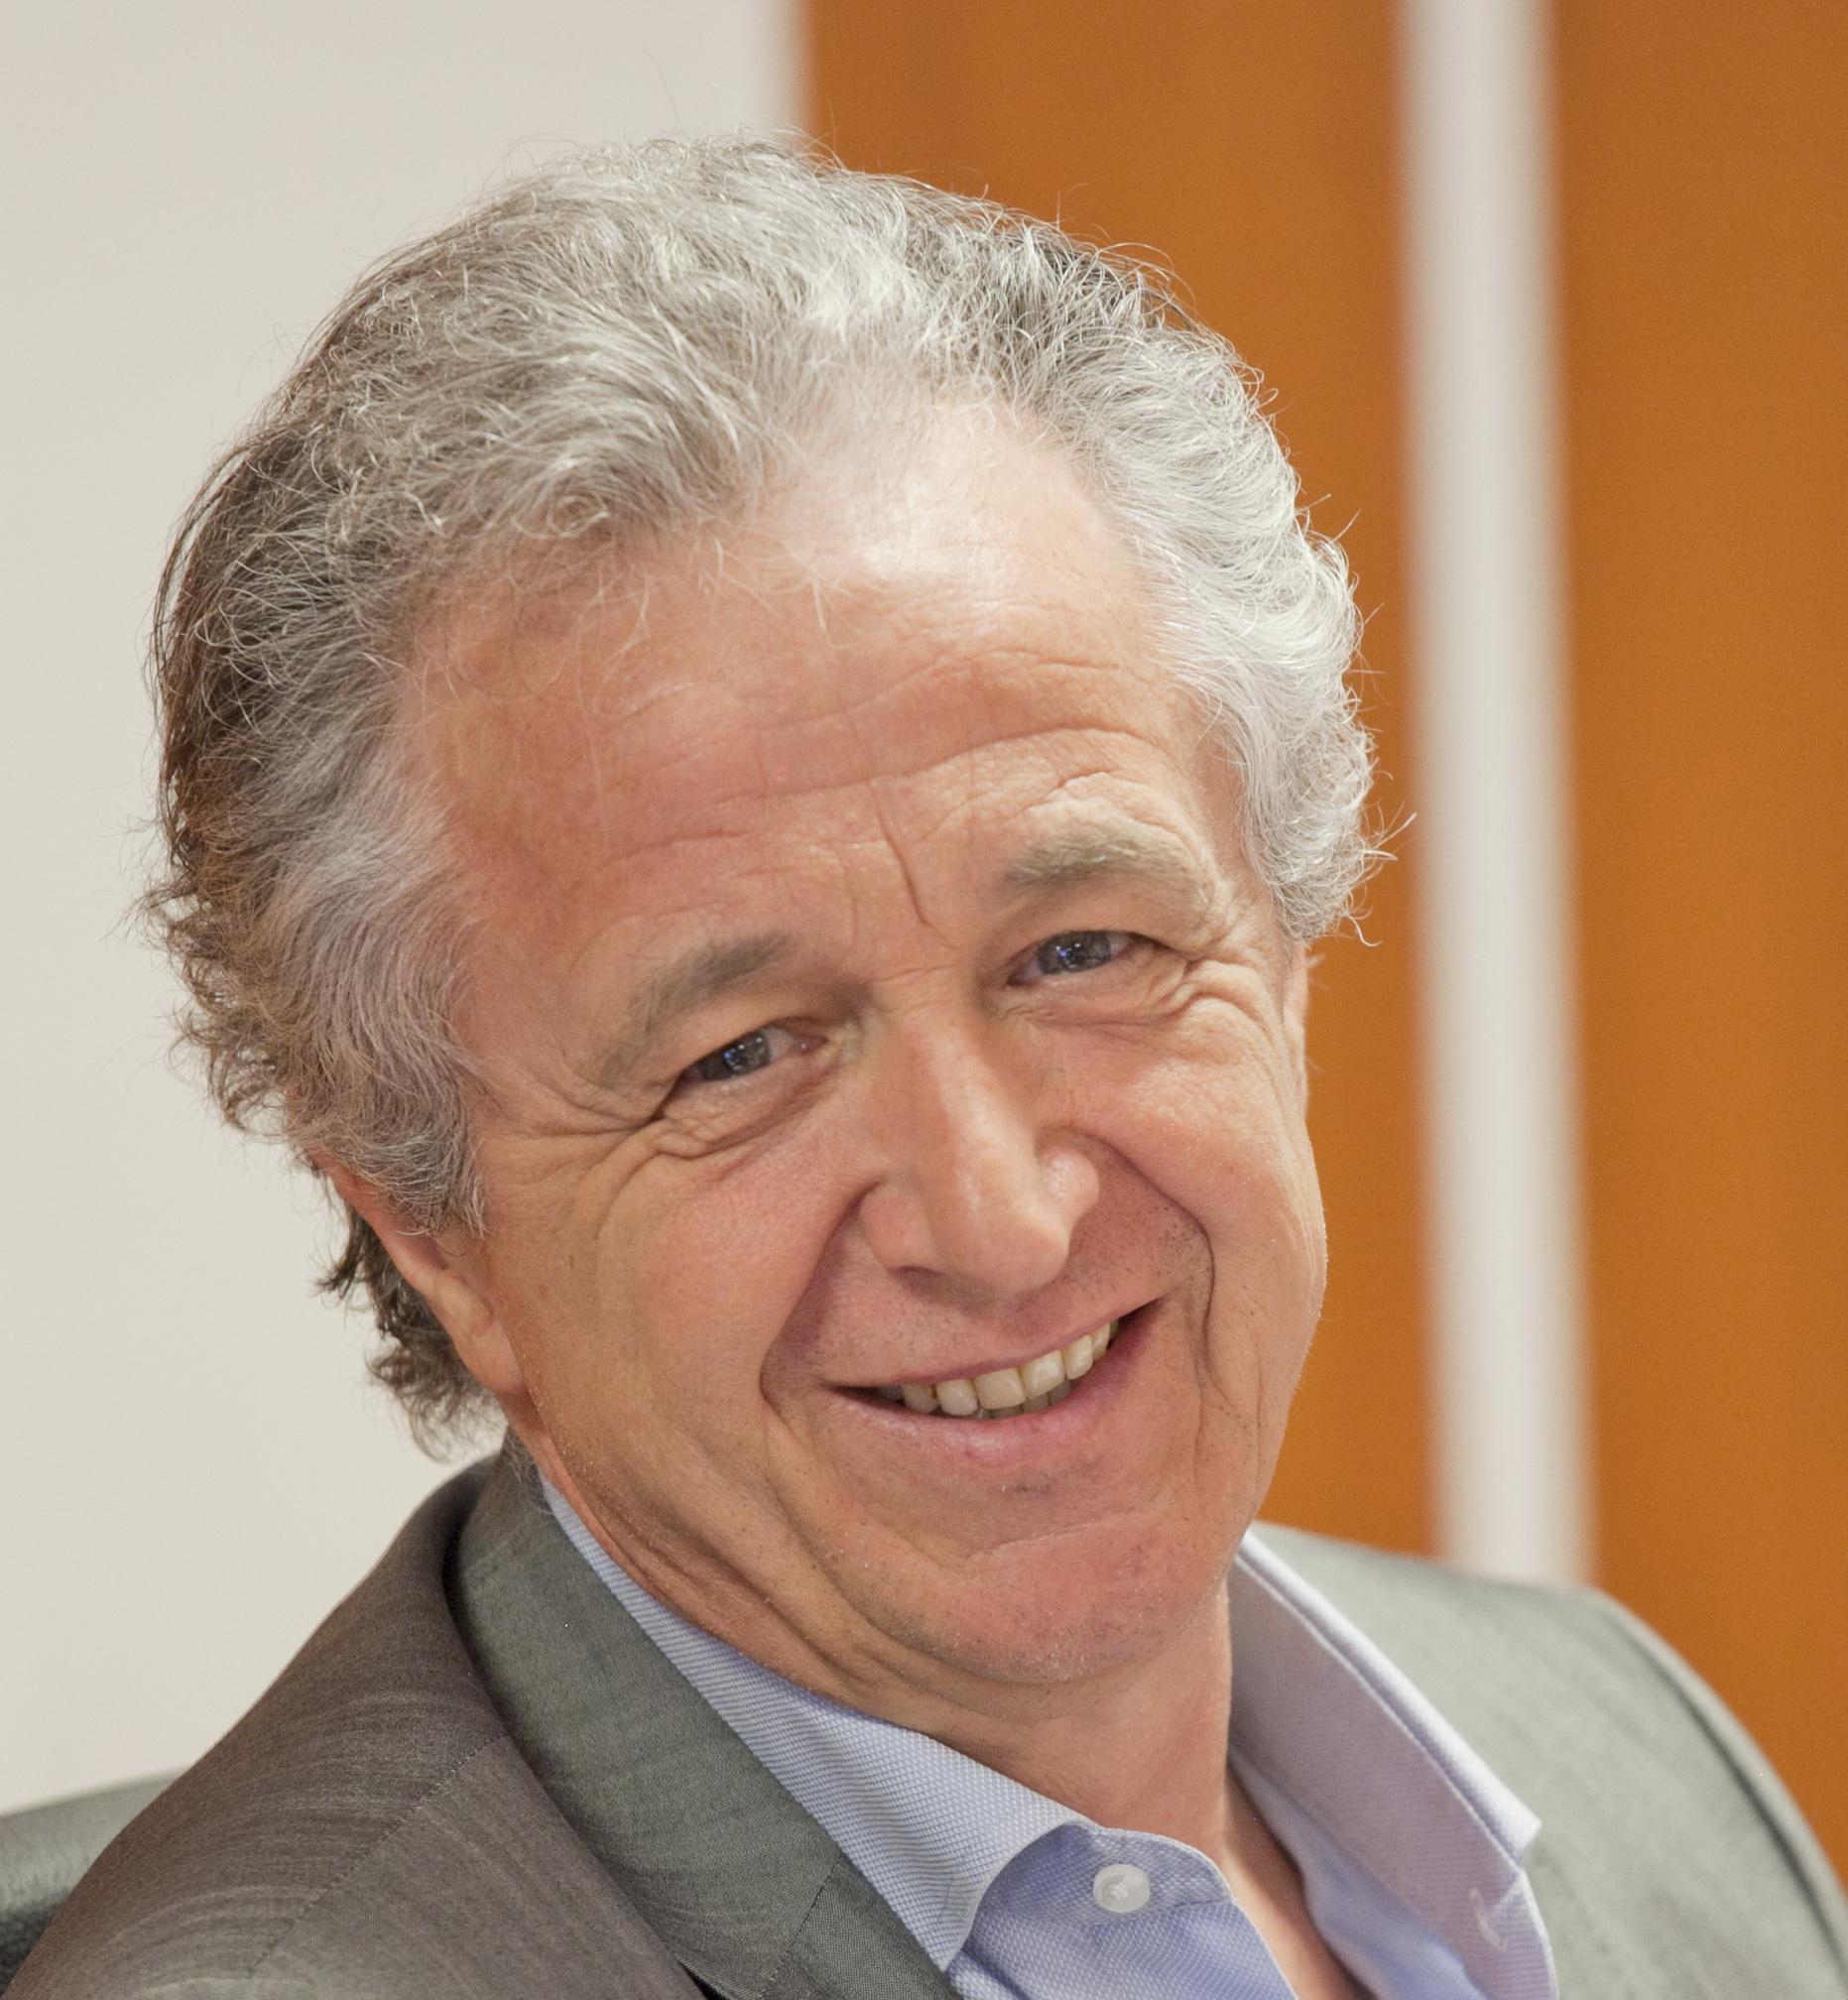 Pierre Callegari